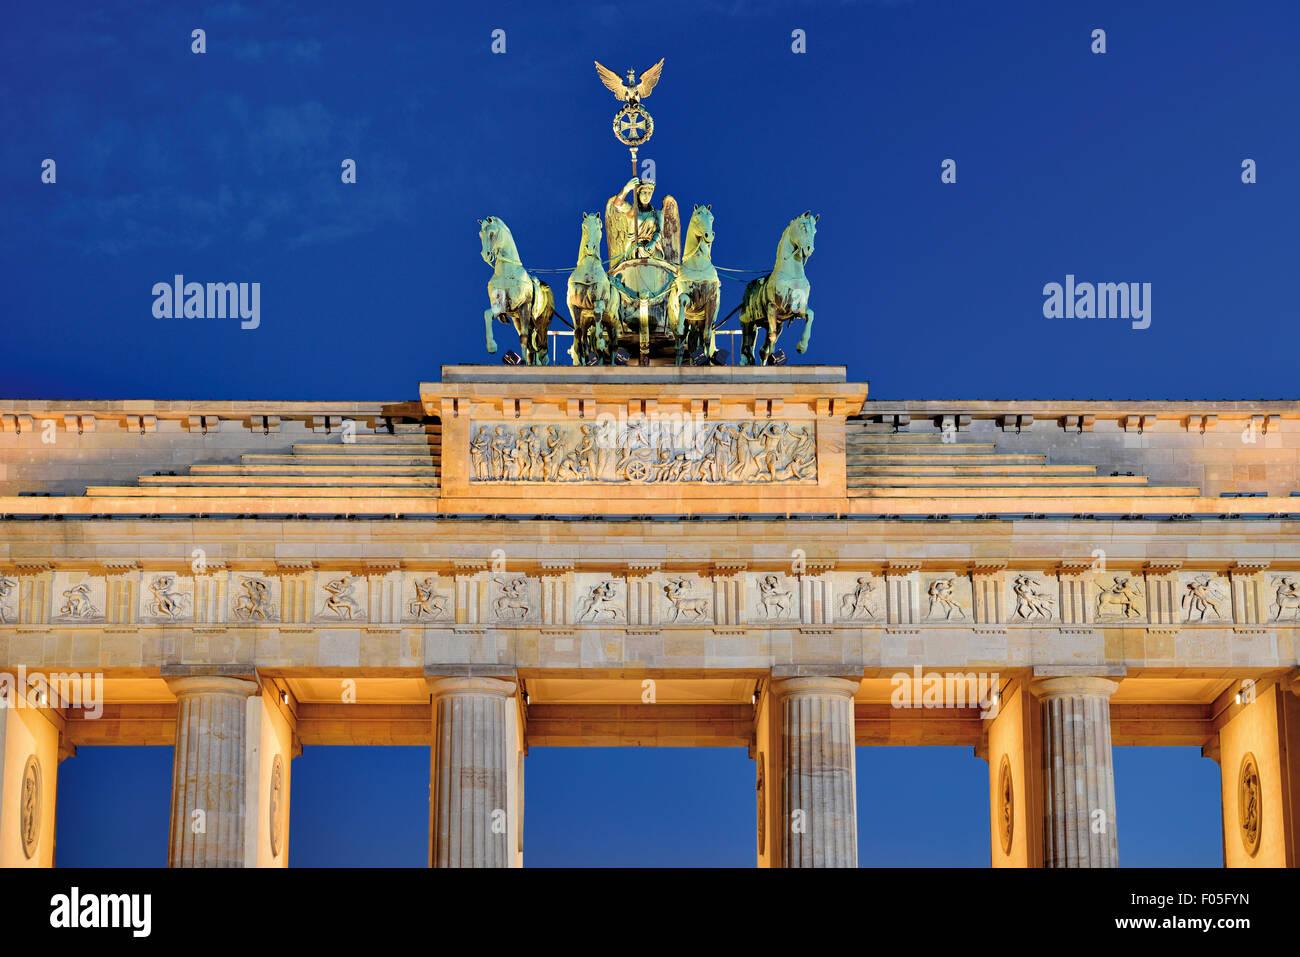 Allemagne, Berlin: Haut de la porte de Brandebourg par nuit Photo Stock